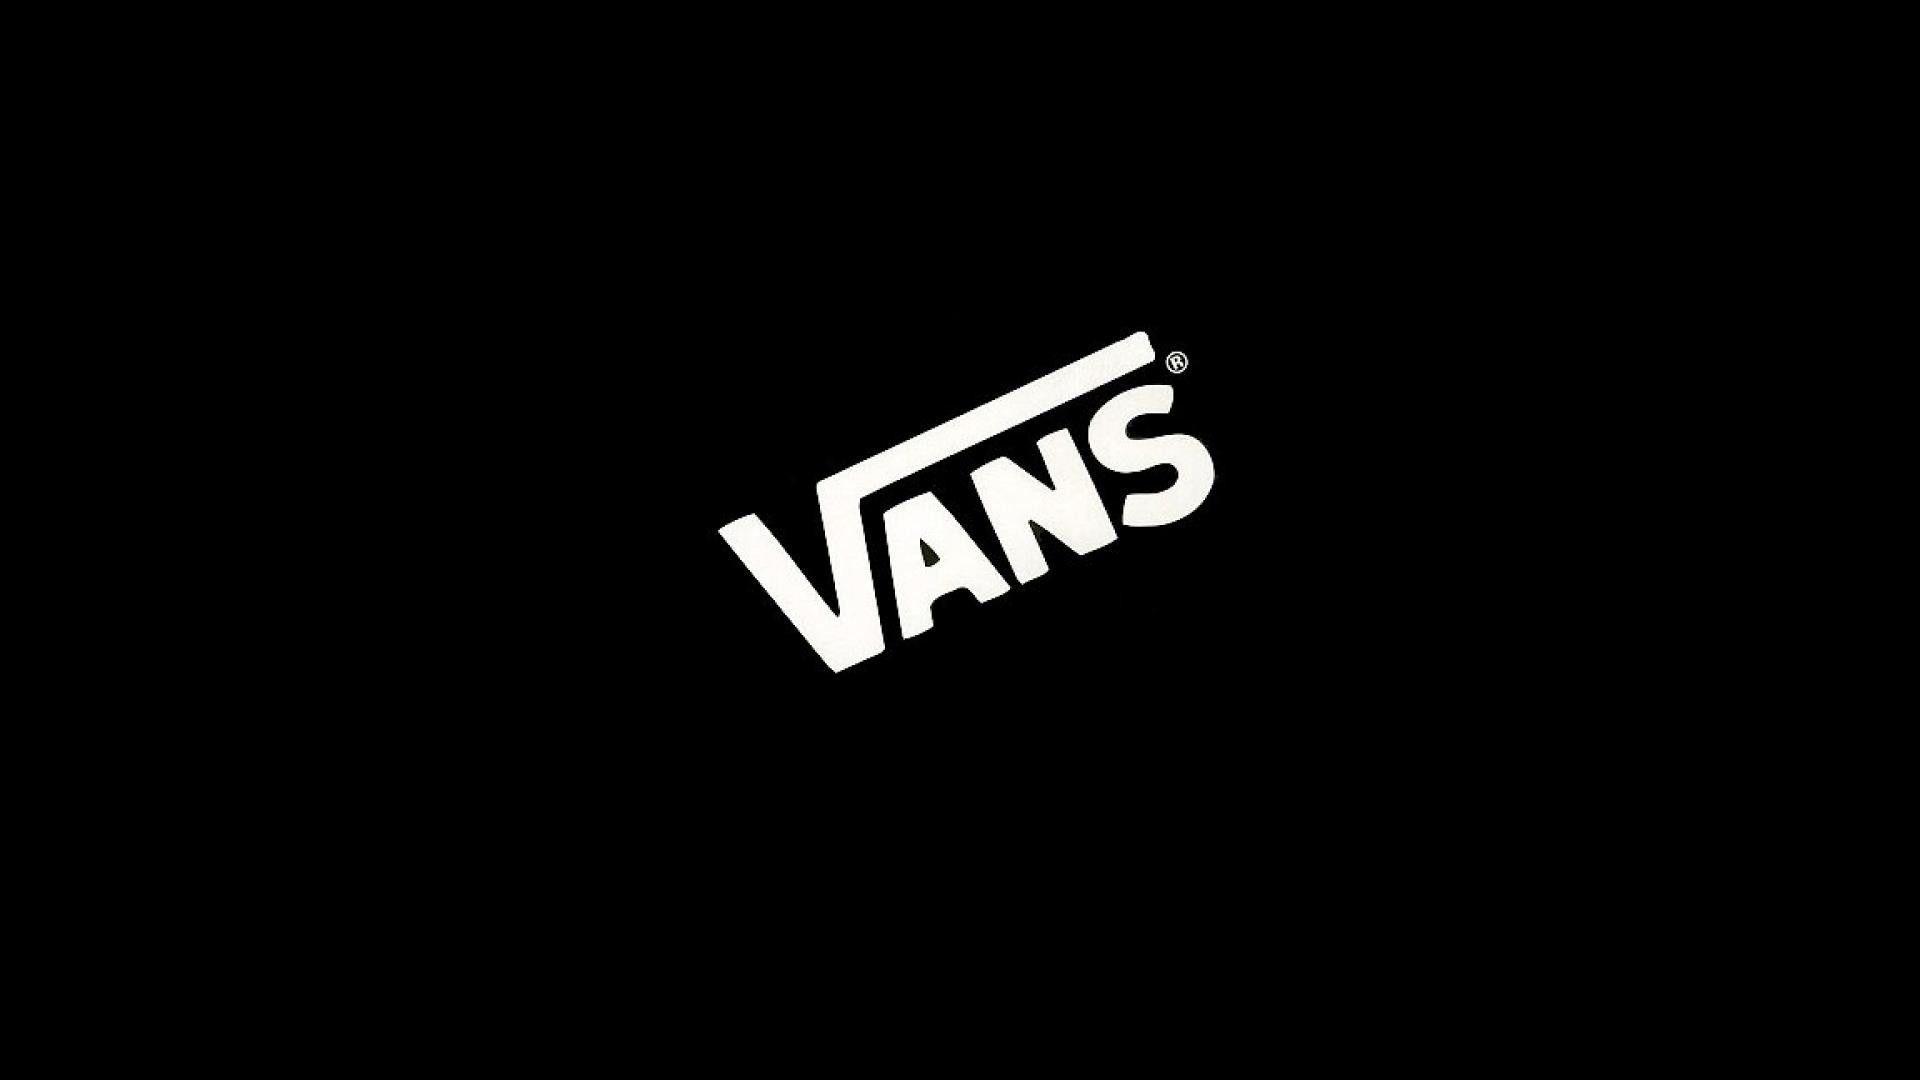 22f014540505 Vans Wallpaper iPhone HD (61+ images)